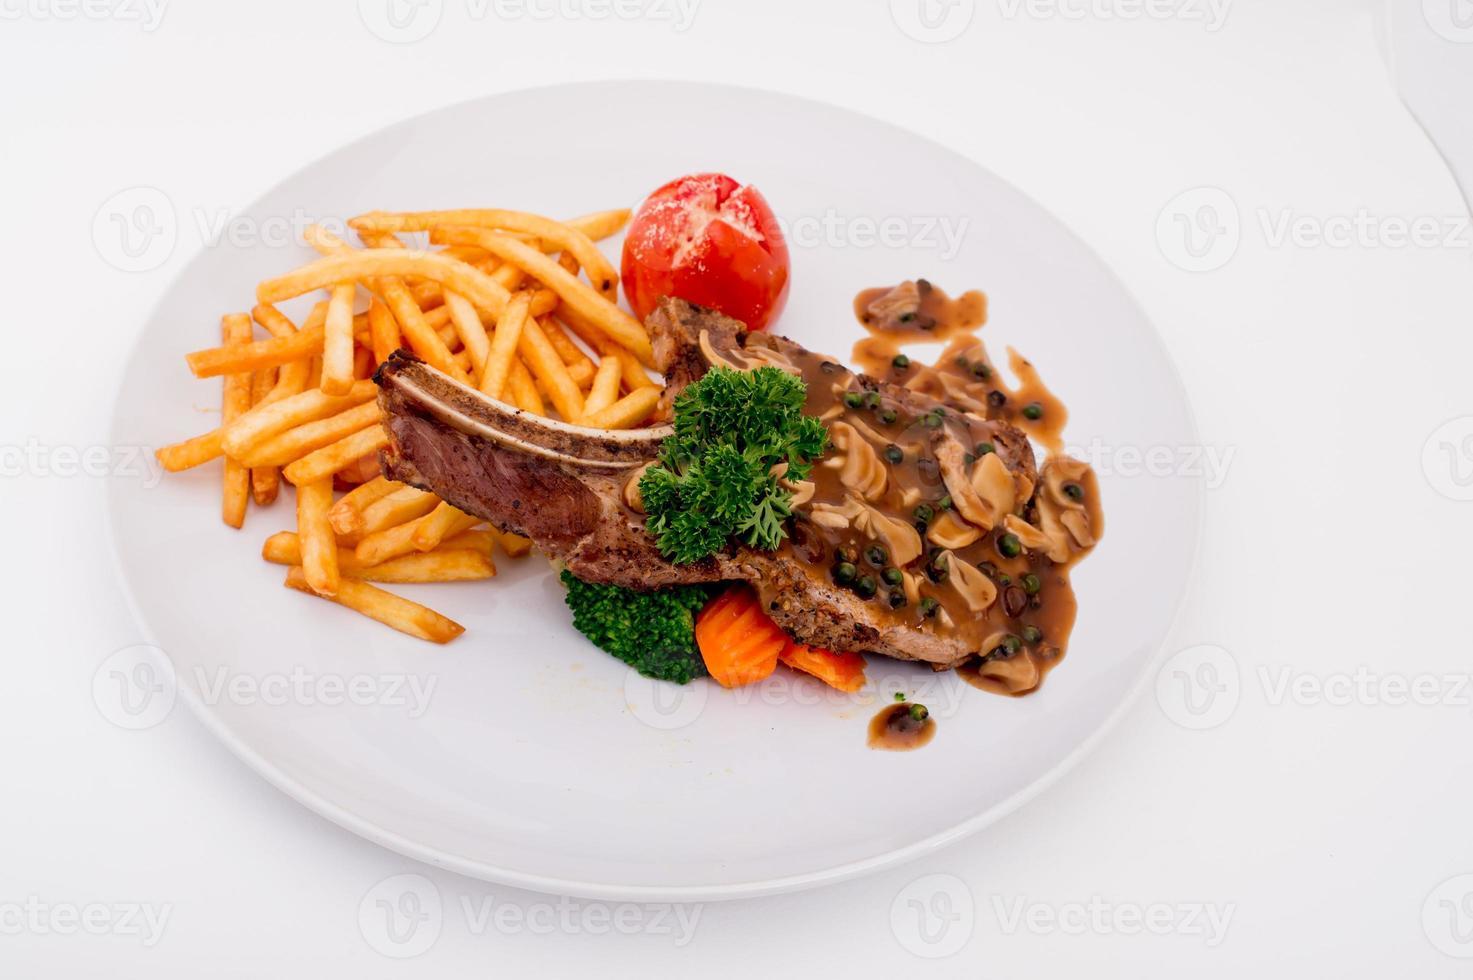 braciola di maiale fritta foto